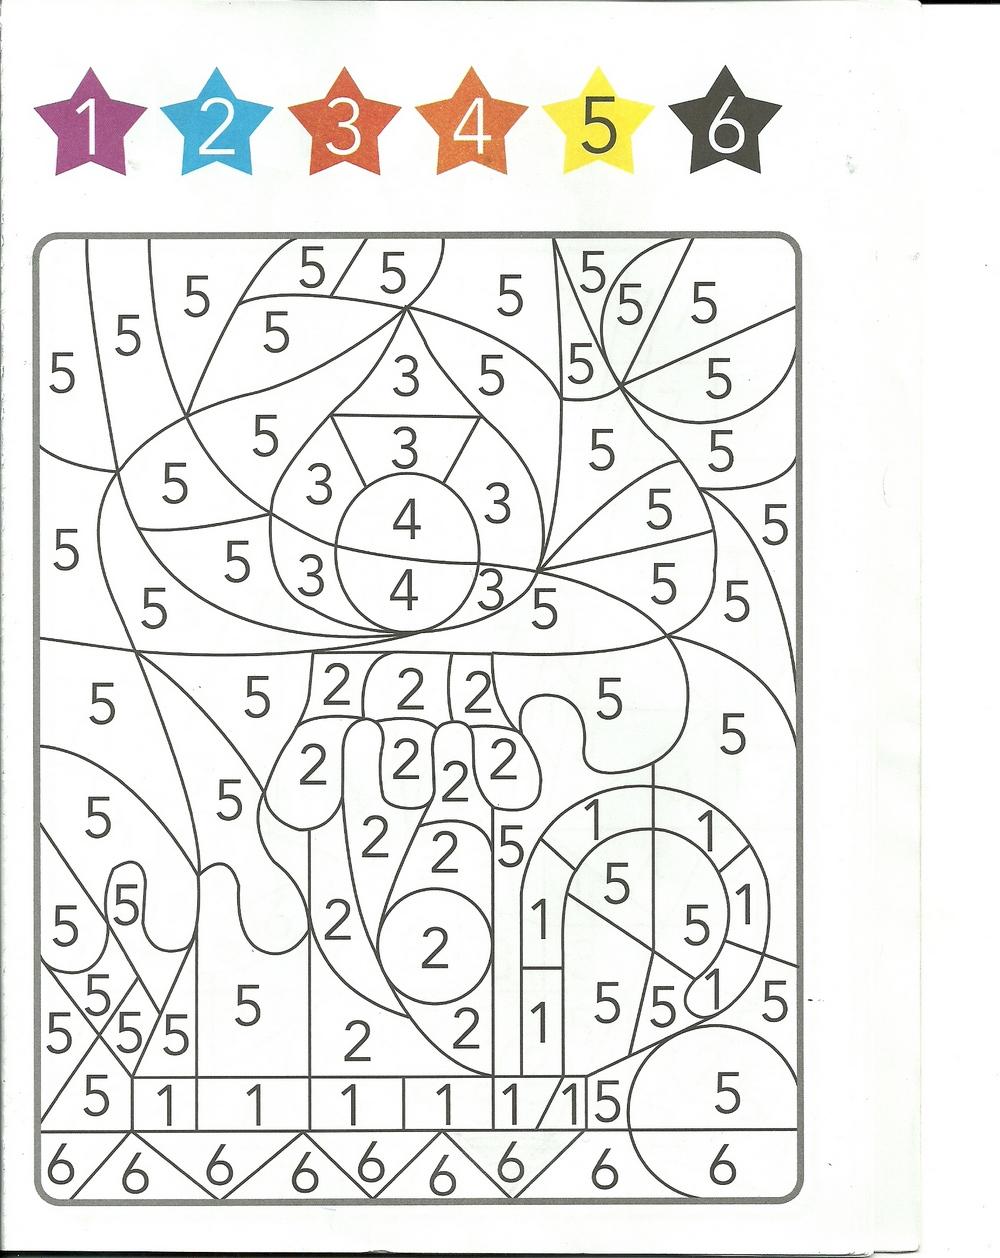 Yeni Manzara Resmi Boyama Eğitimhane Yazdırılabilir Boyama Sayfaları